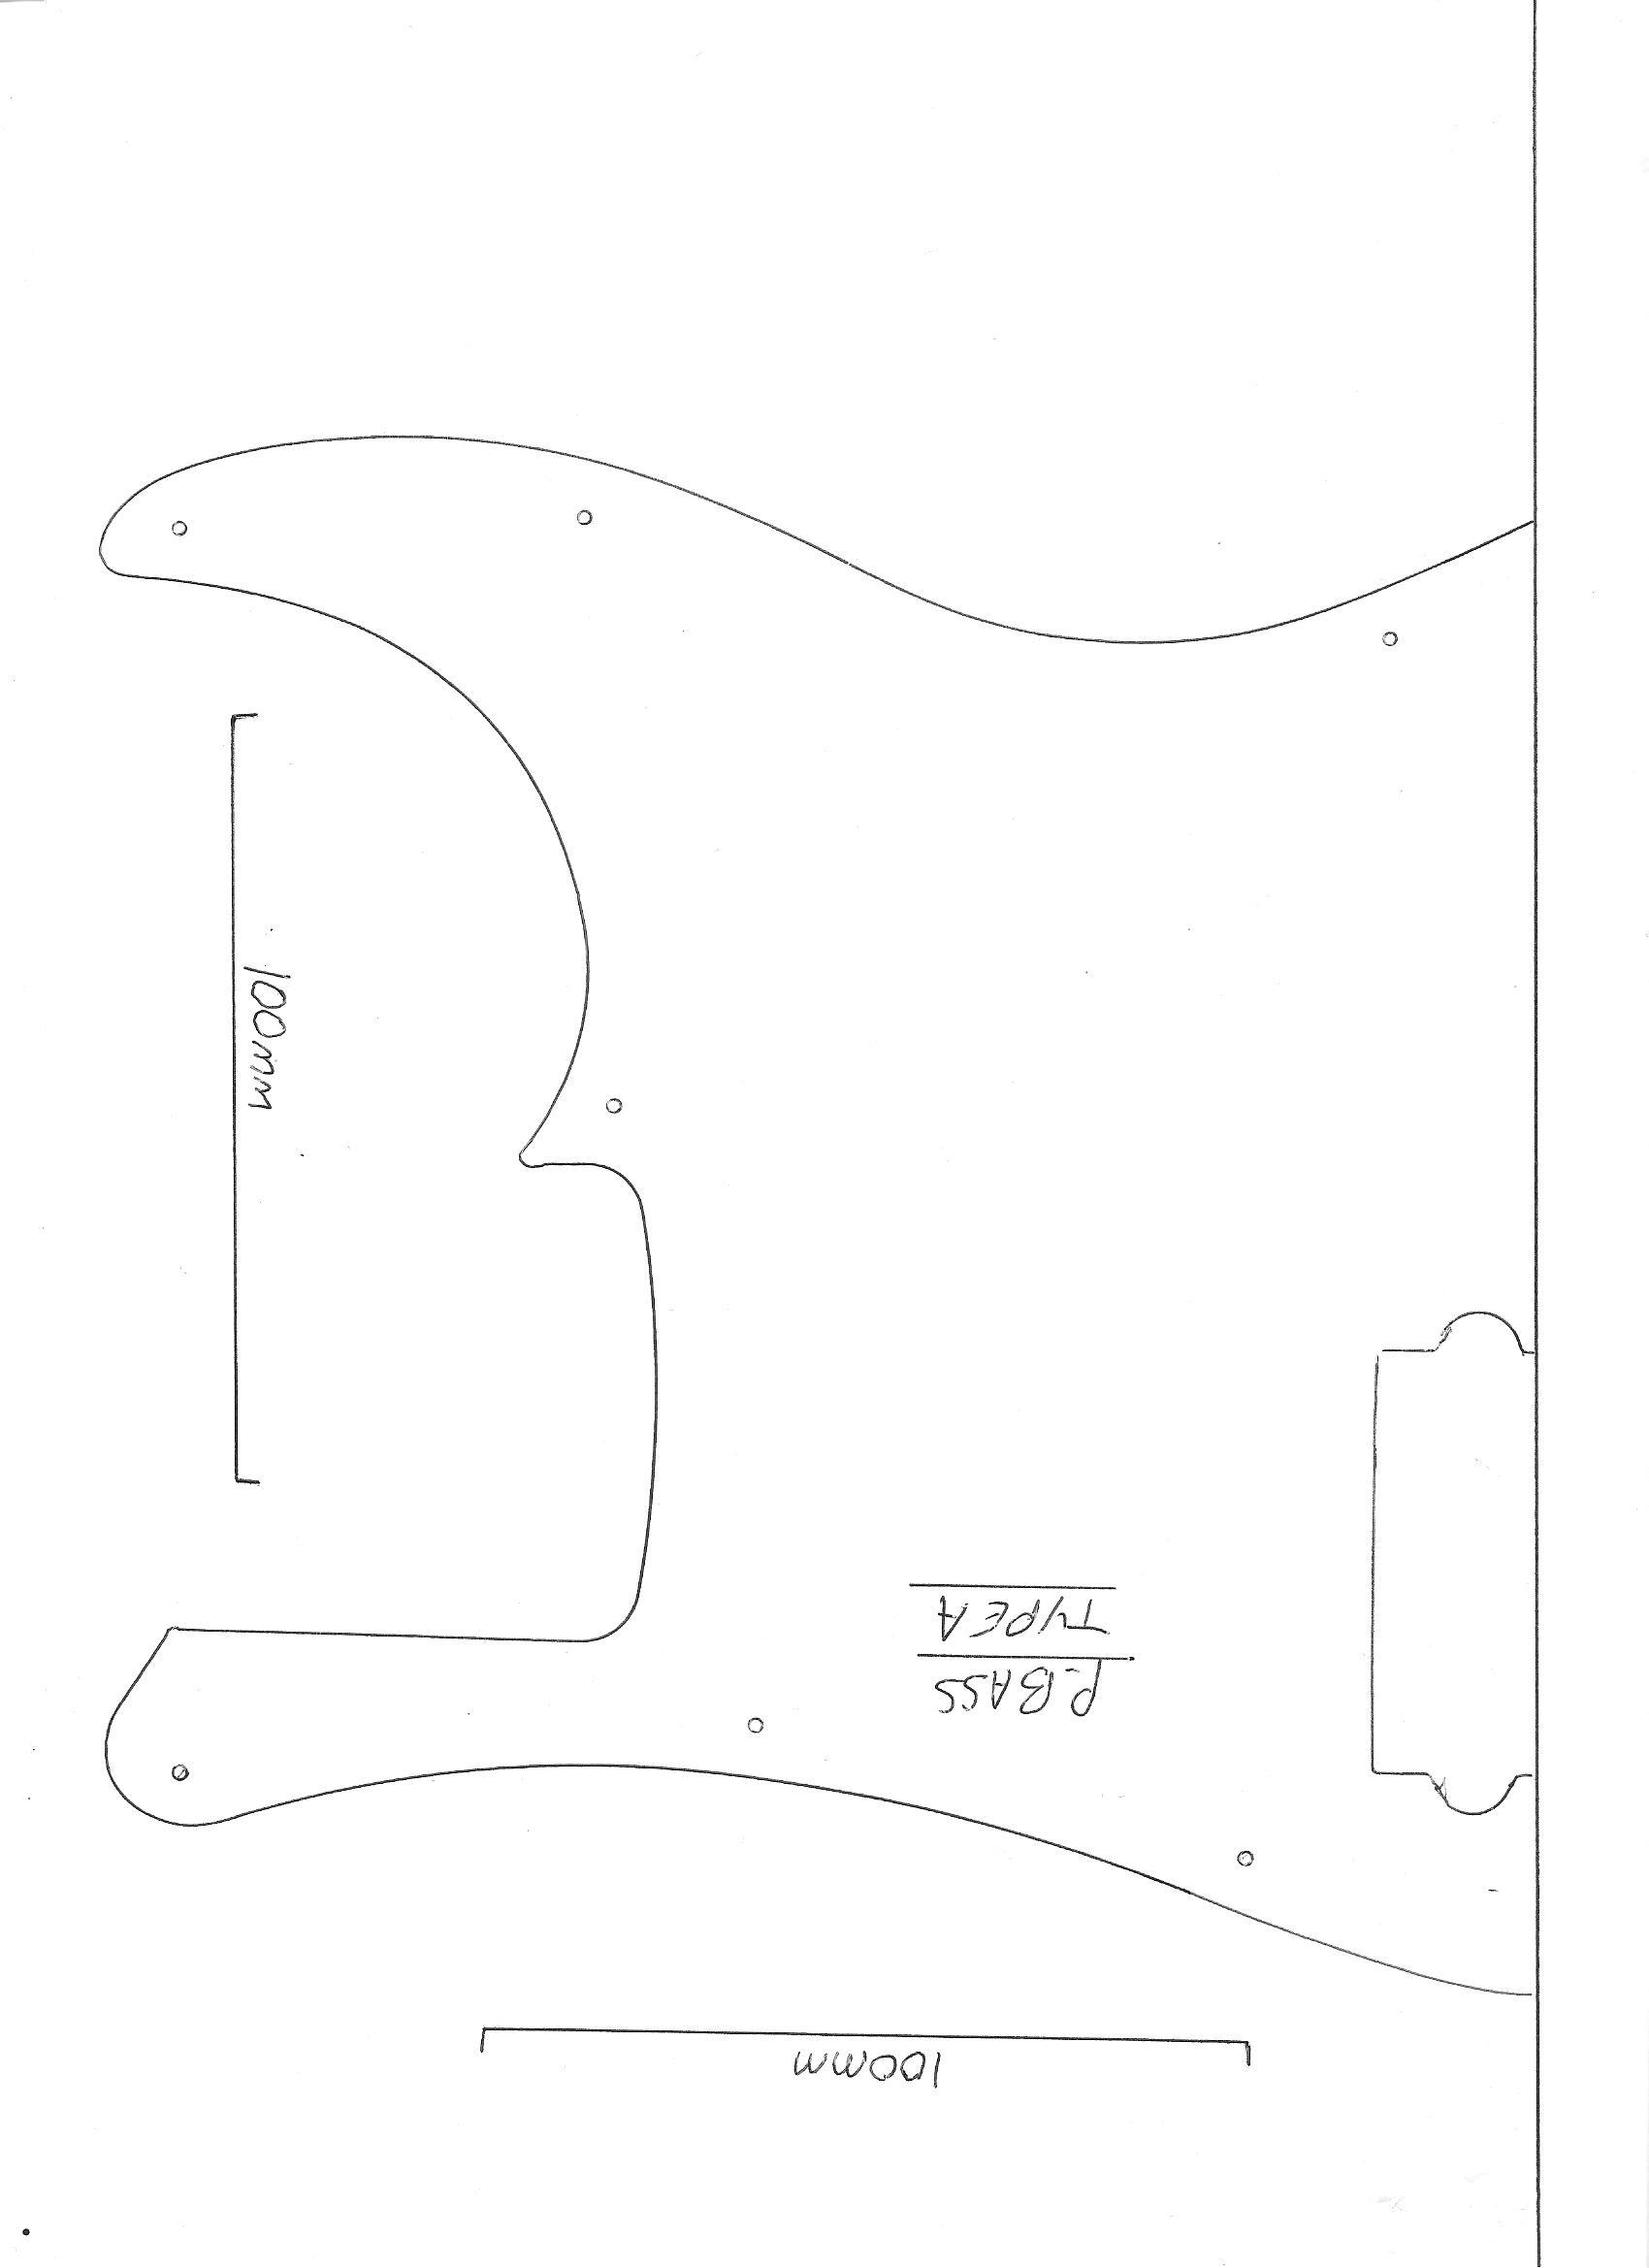 Precision bass guitar pickguard scratch plate 3 ply white